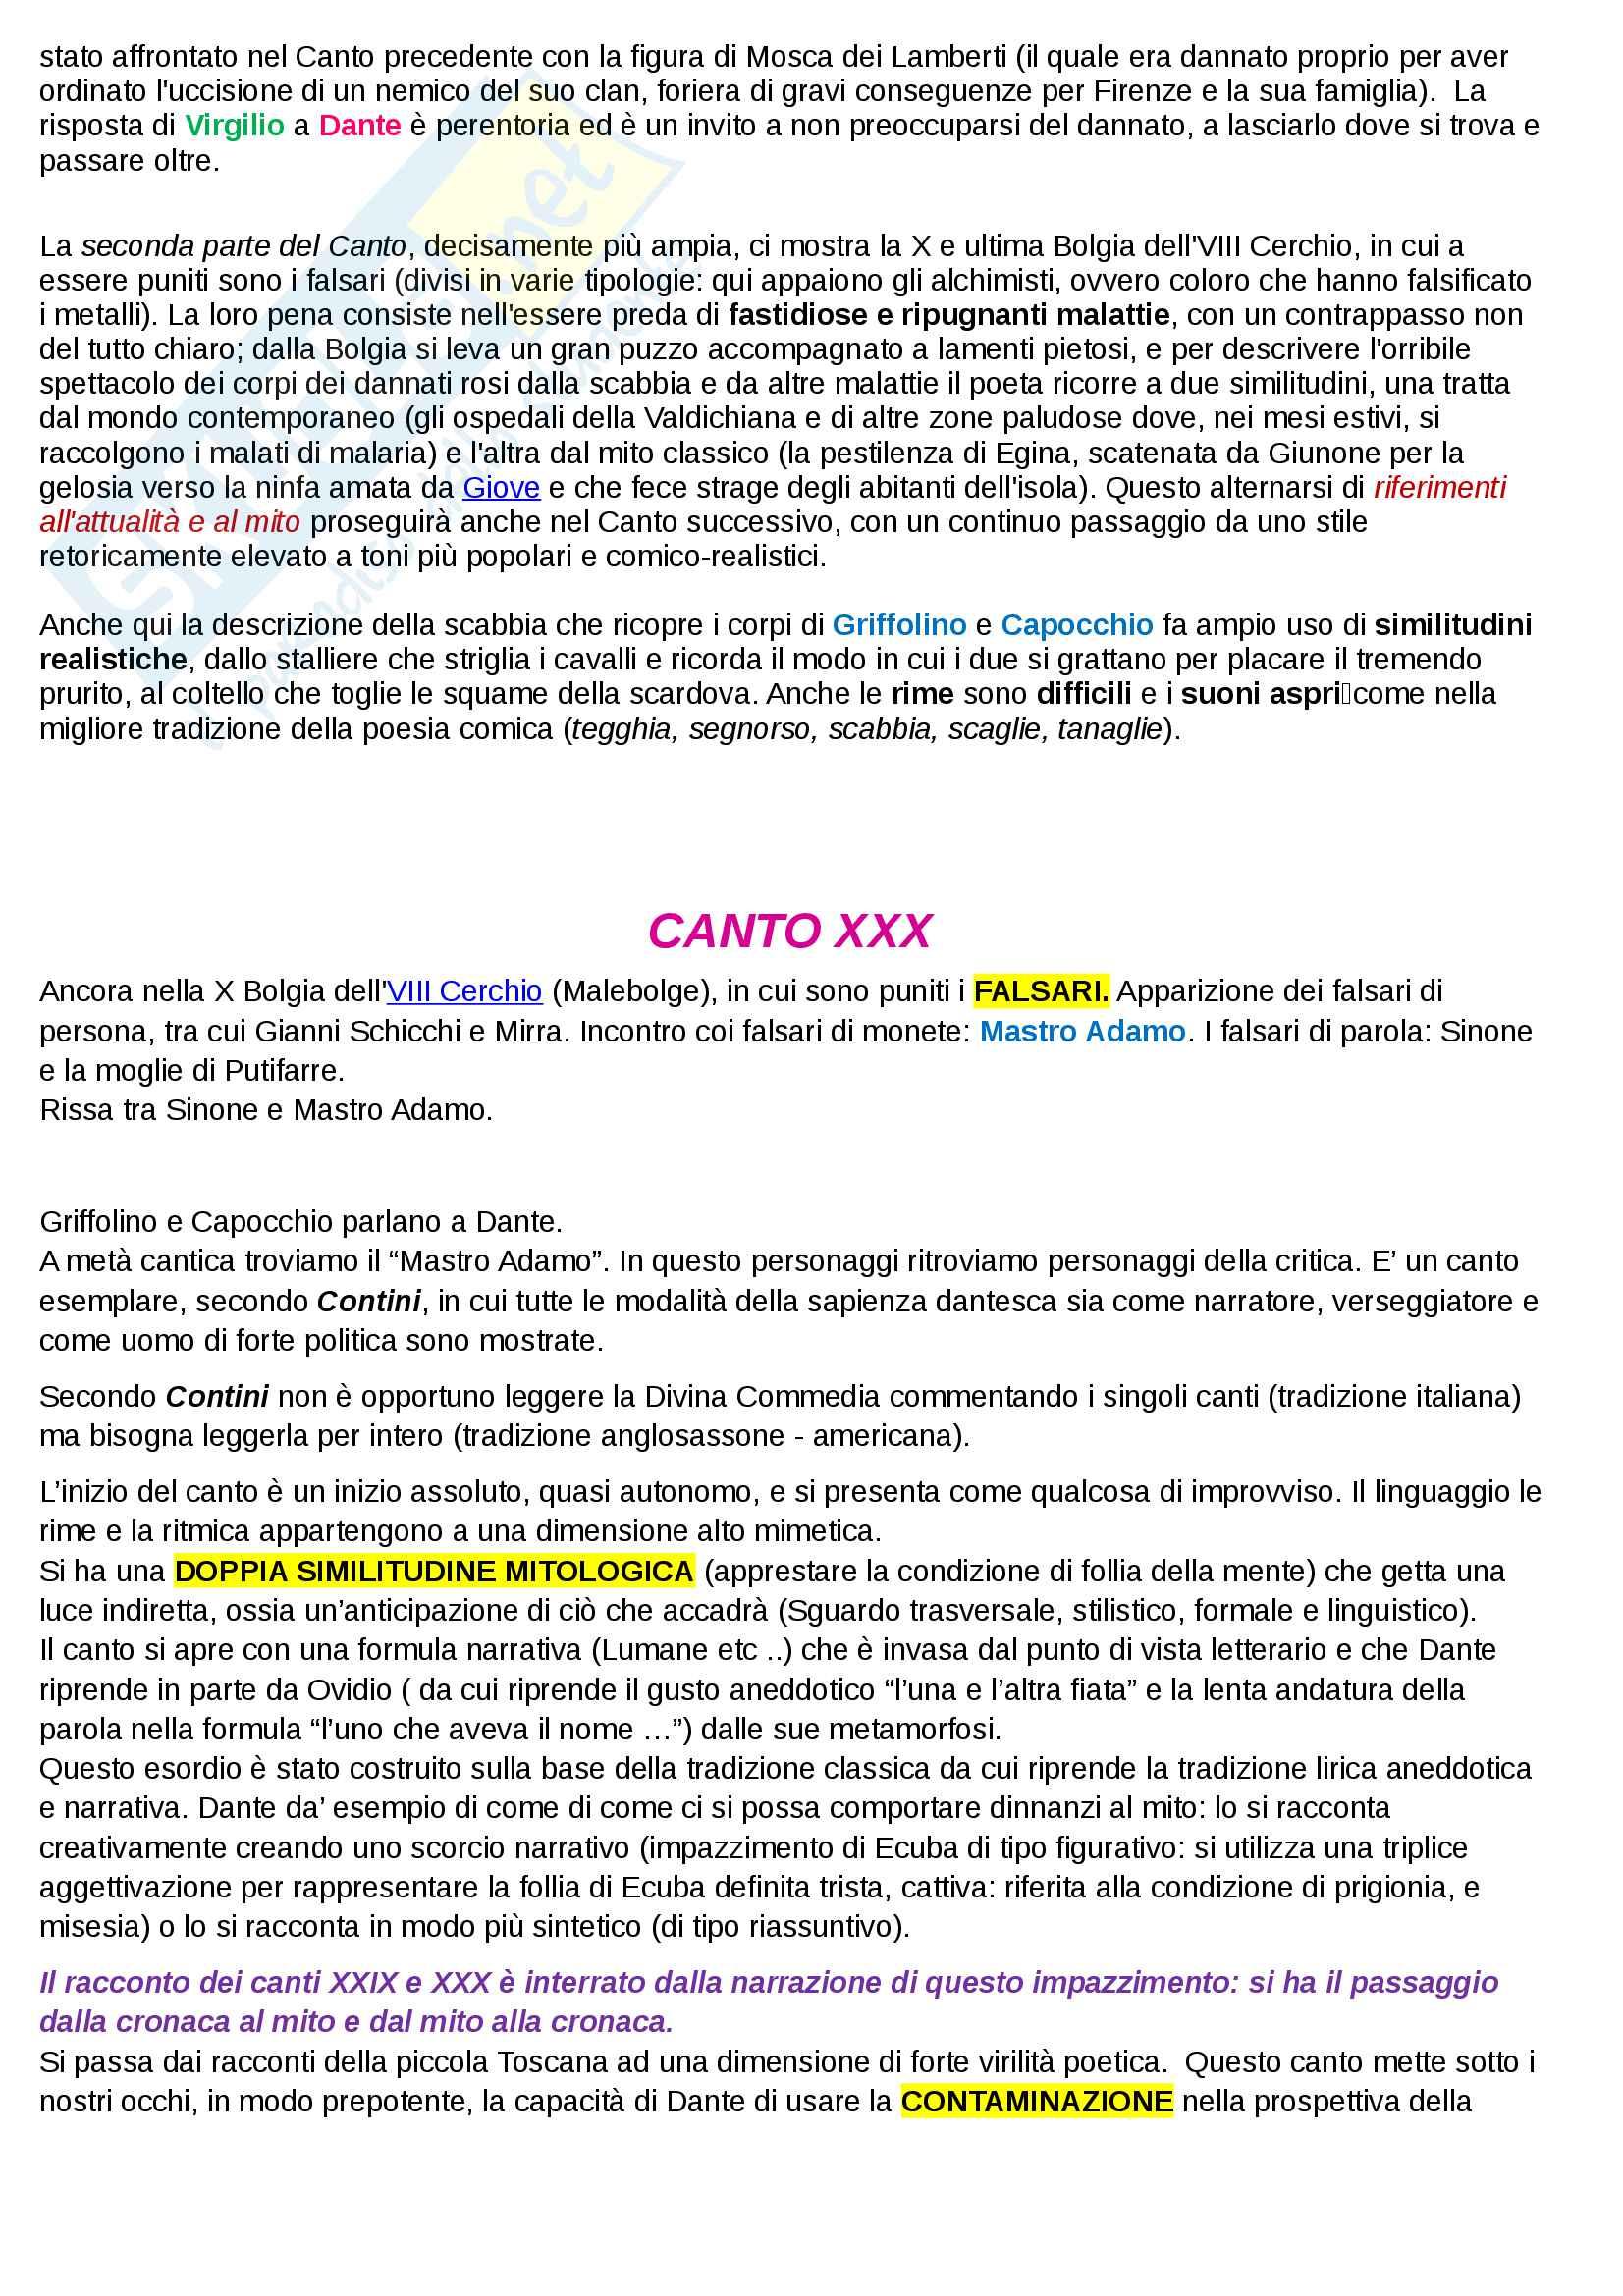 Riassunto esame Letteratura Italiana I, Prof. Mattioli. Sintesi ed analisi di tutti i 34 canti dell'inferno della Divina Commedia di Dante Alighieri e rielaborazione personale basata sui libri di riferimento suggeriti dal docente Pag. 101